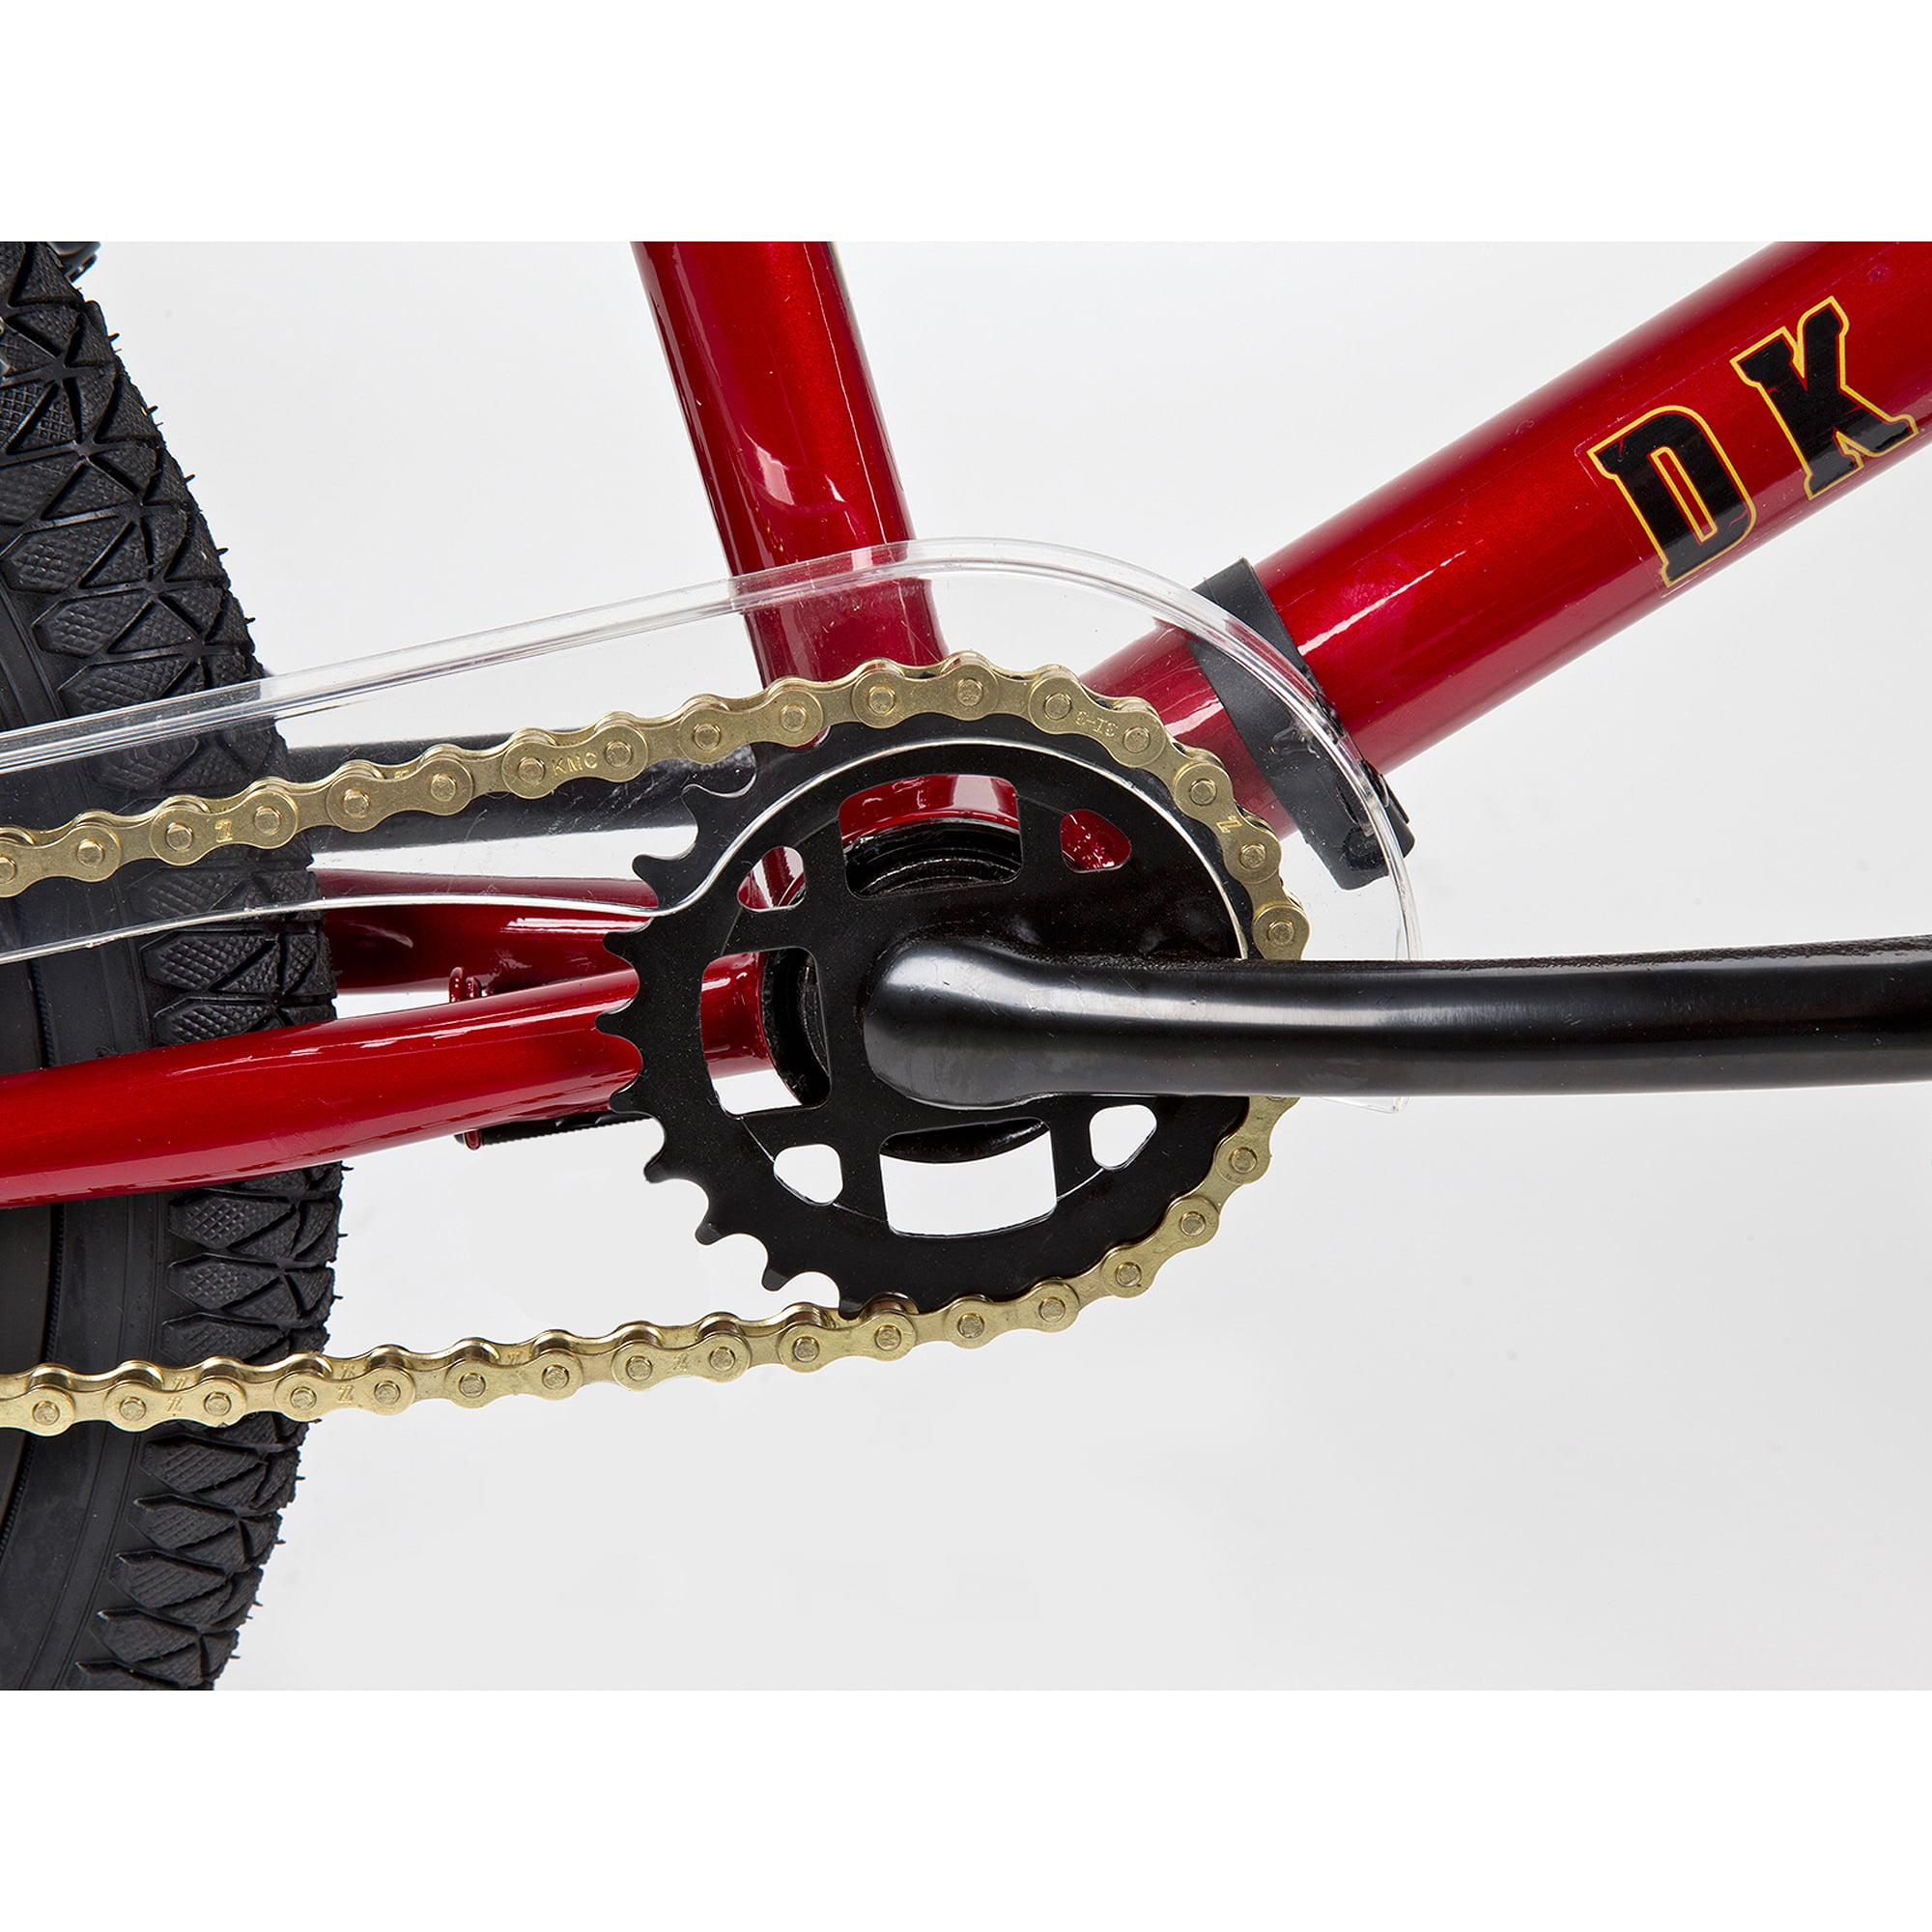 20 dk bestwick boys bmx bike red